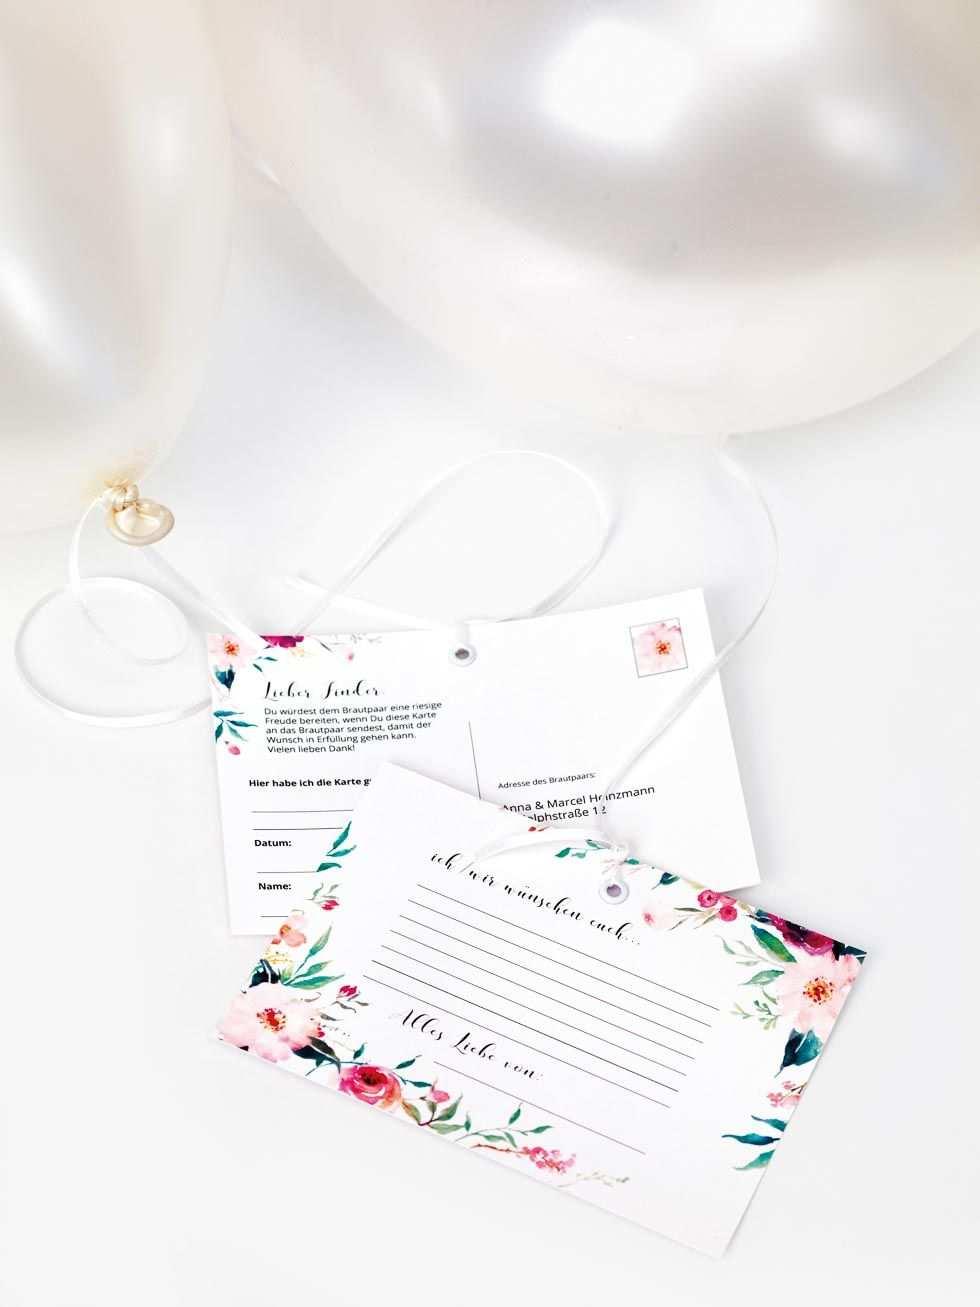 Ballonkarten Gestalten Neue Ideen Richtig Schone Personalisierte Karten Luftballons Hochzeit Wunsche Fur Das Brautpaar Karte Hochzeit